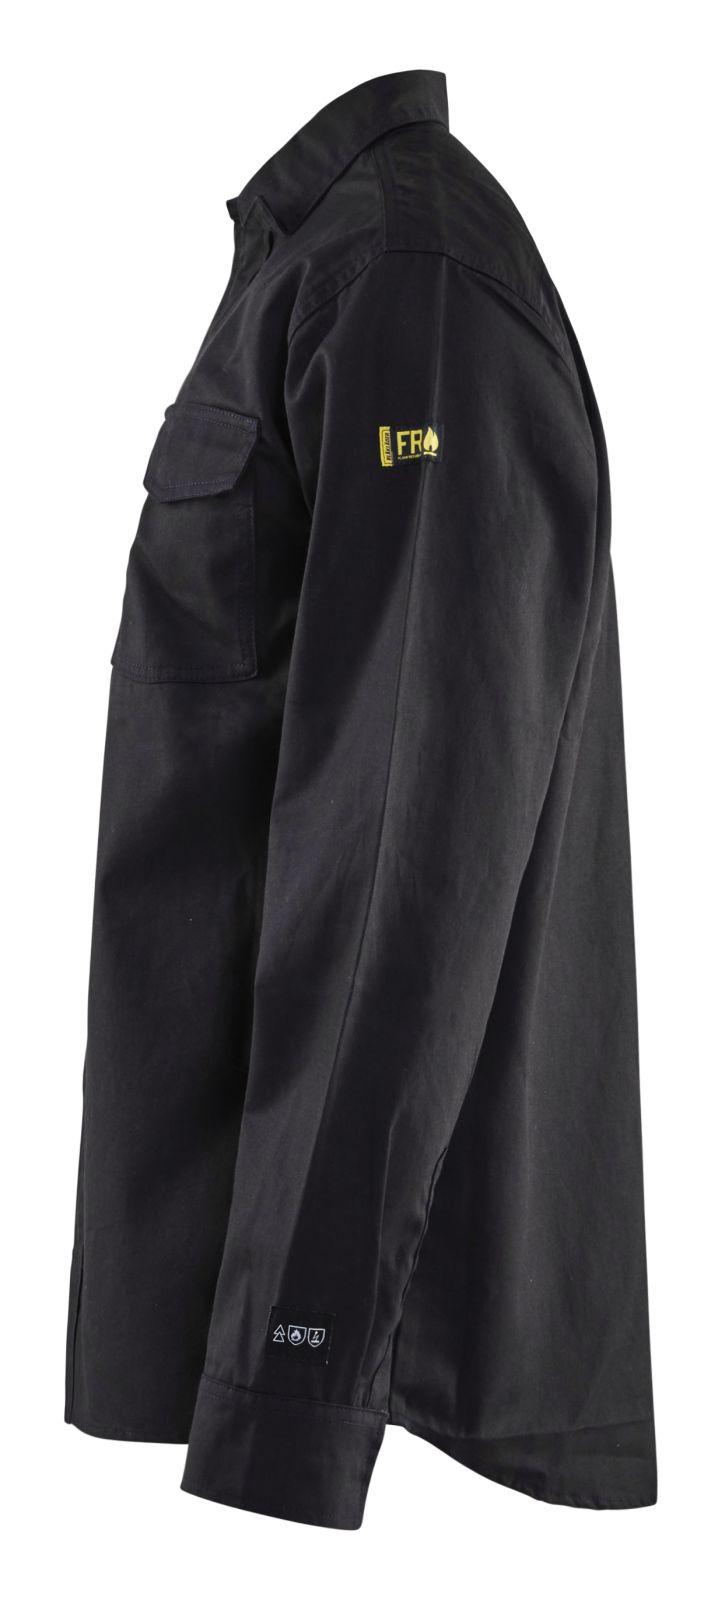 Blaklader Shirts 32261504 Vlamvertragend zwart(9900)